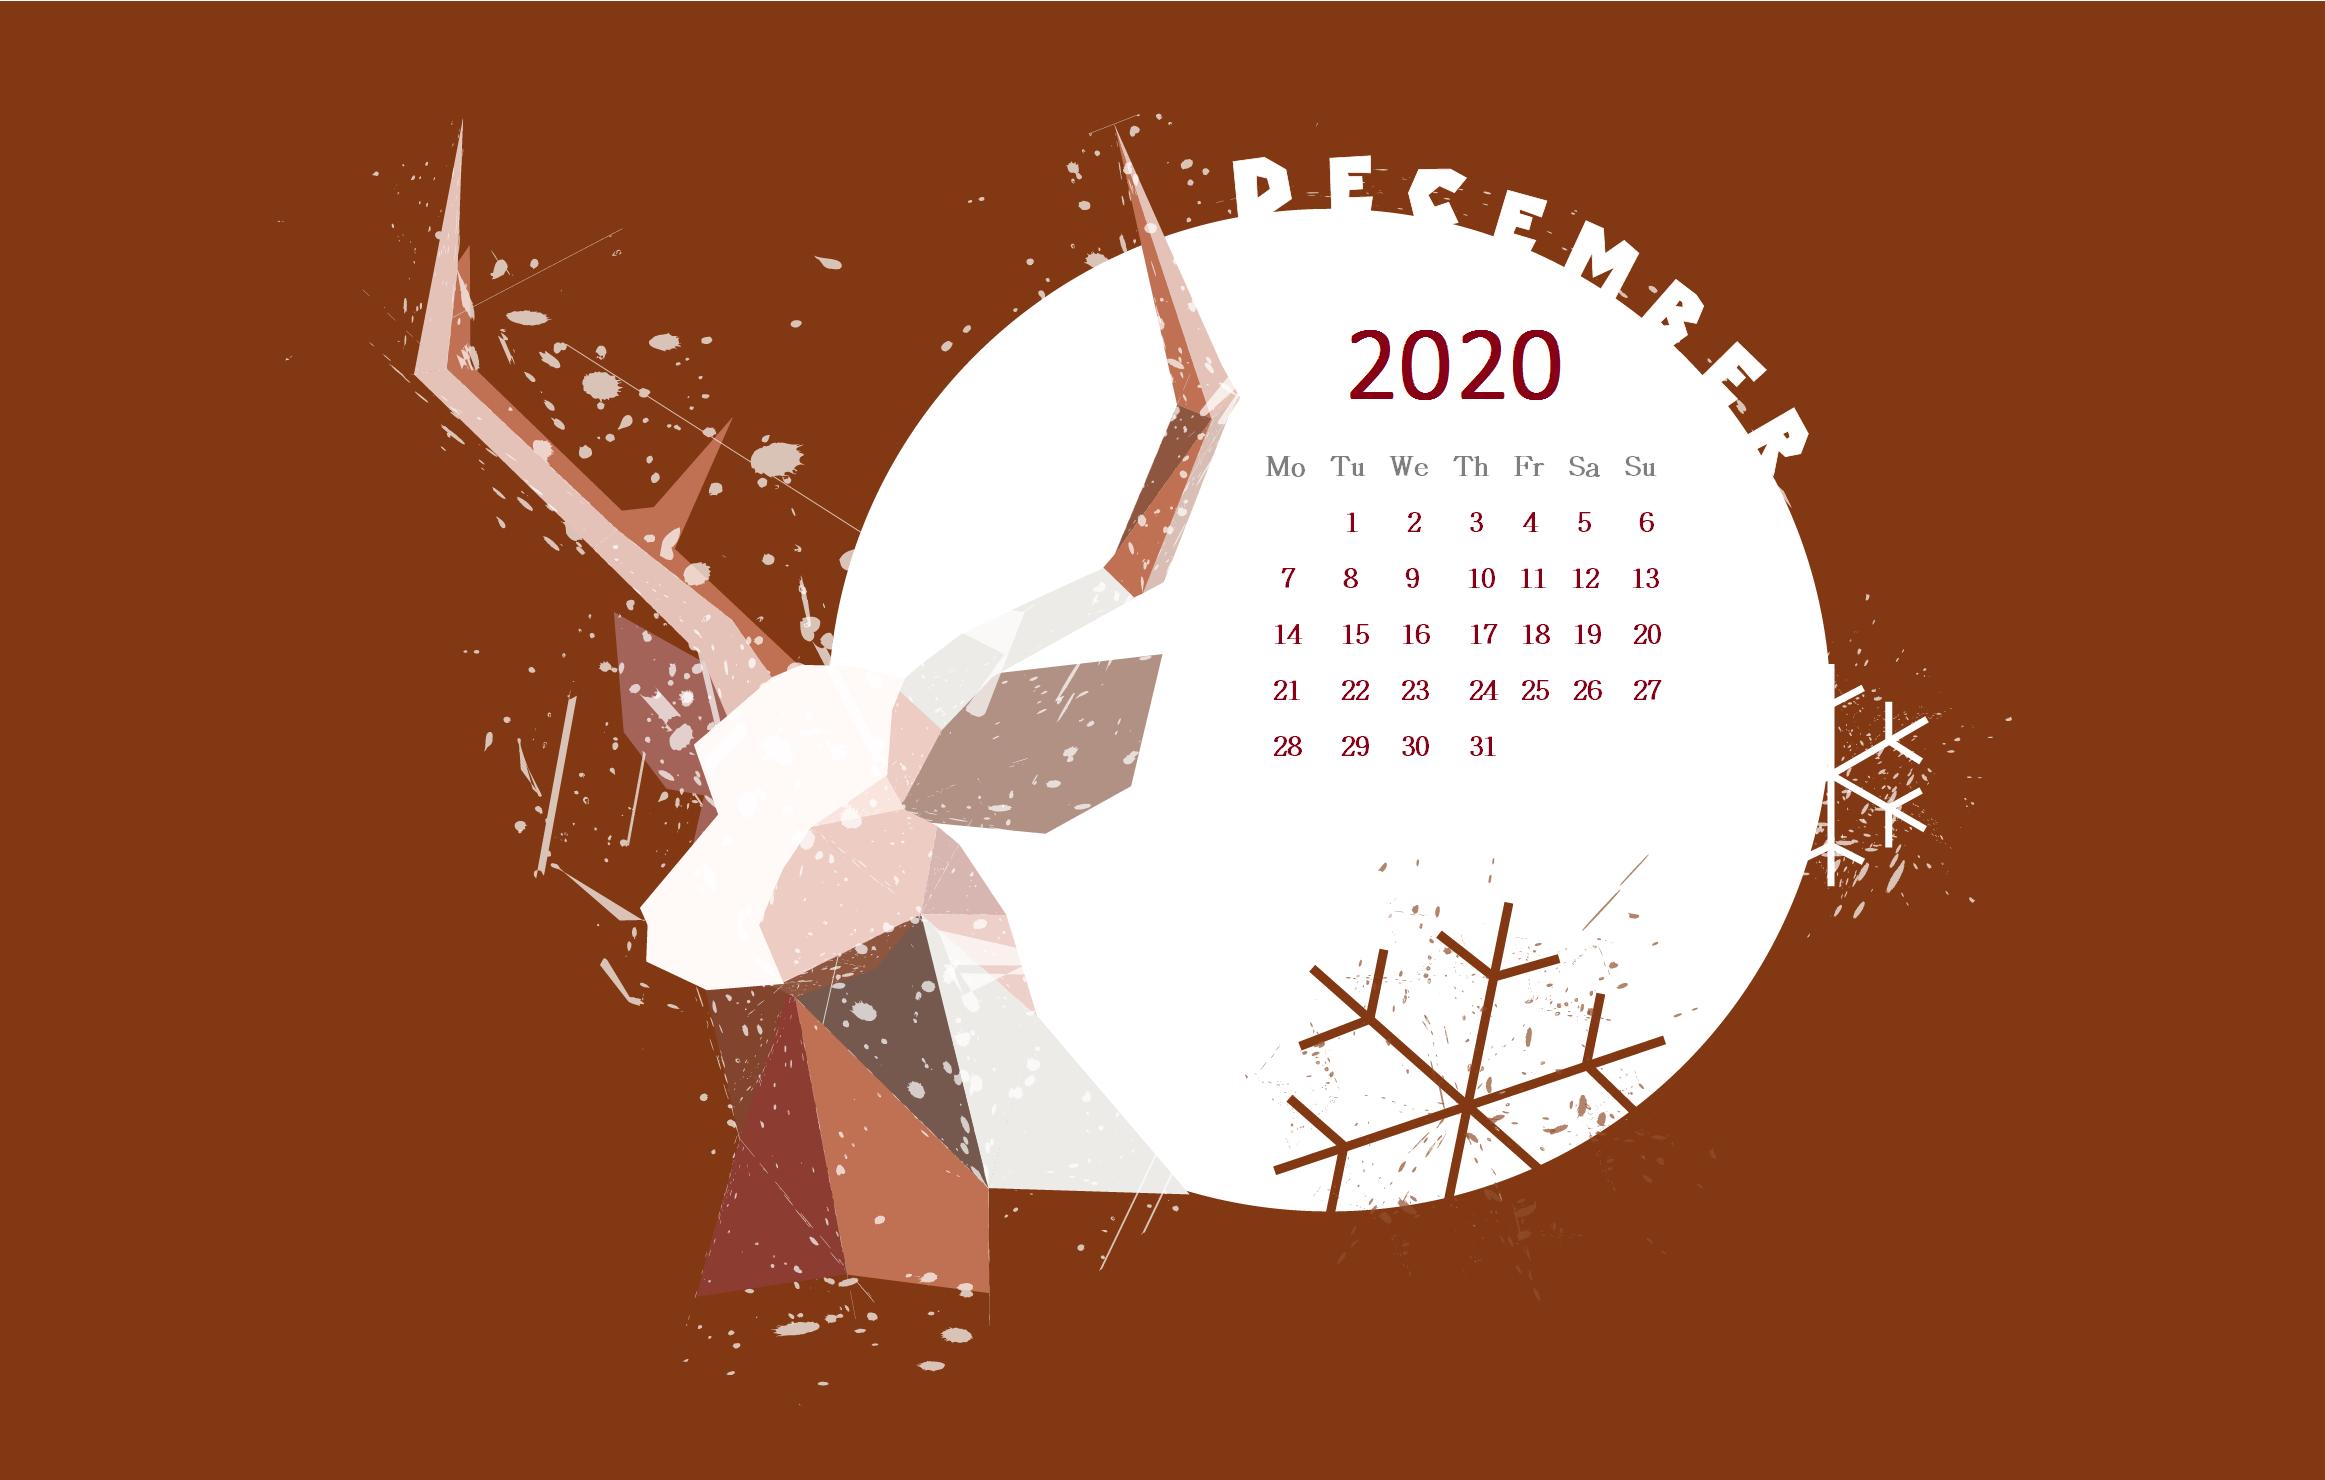 December 2020 Calendar Wallpapers 2325x1480